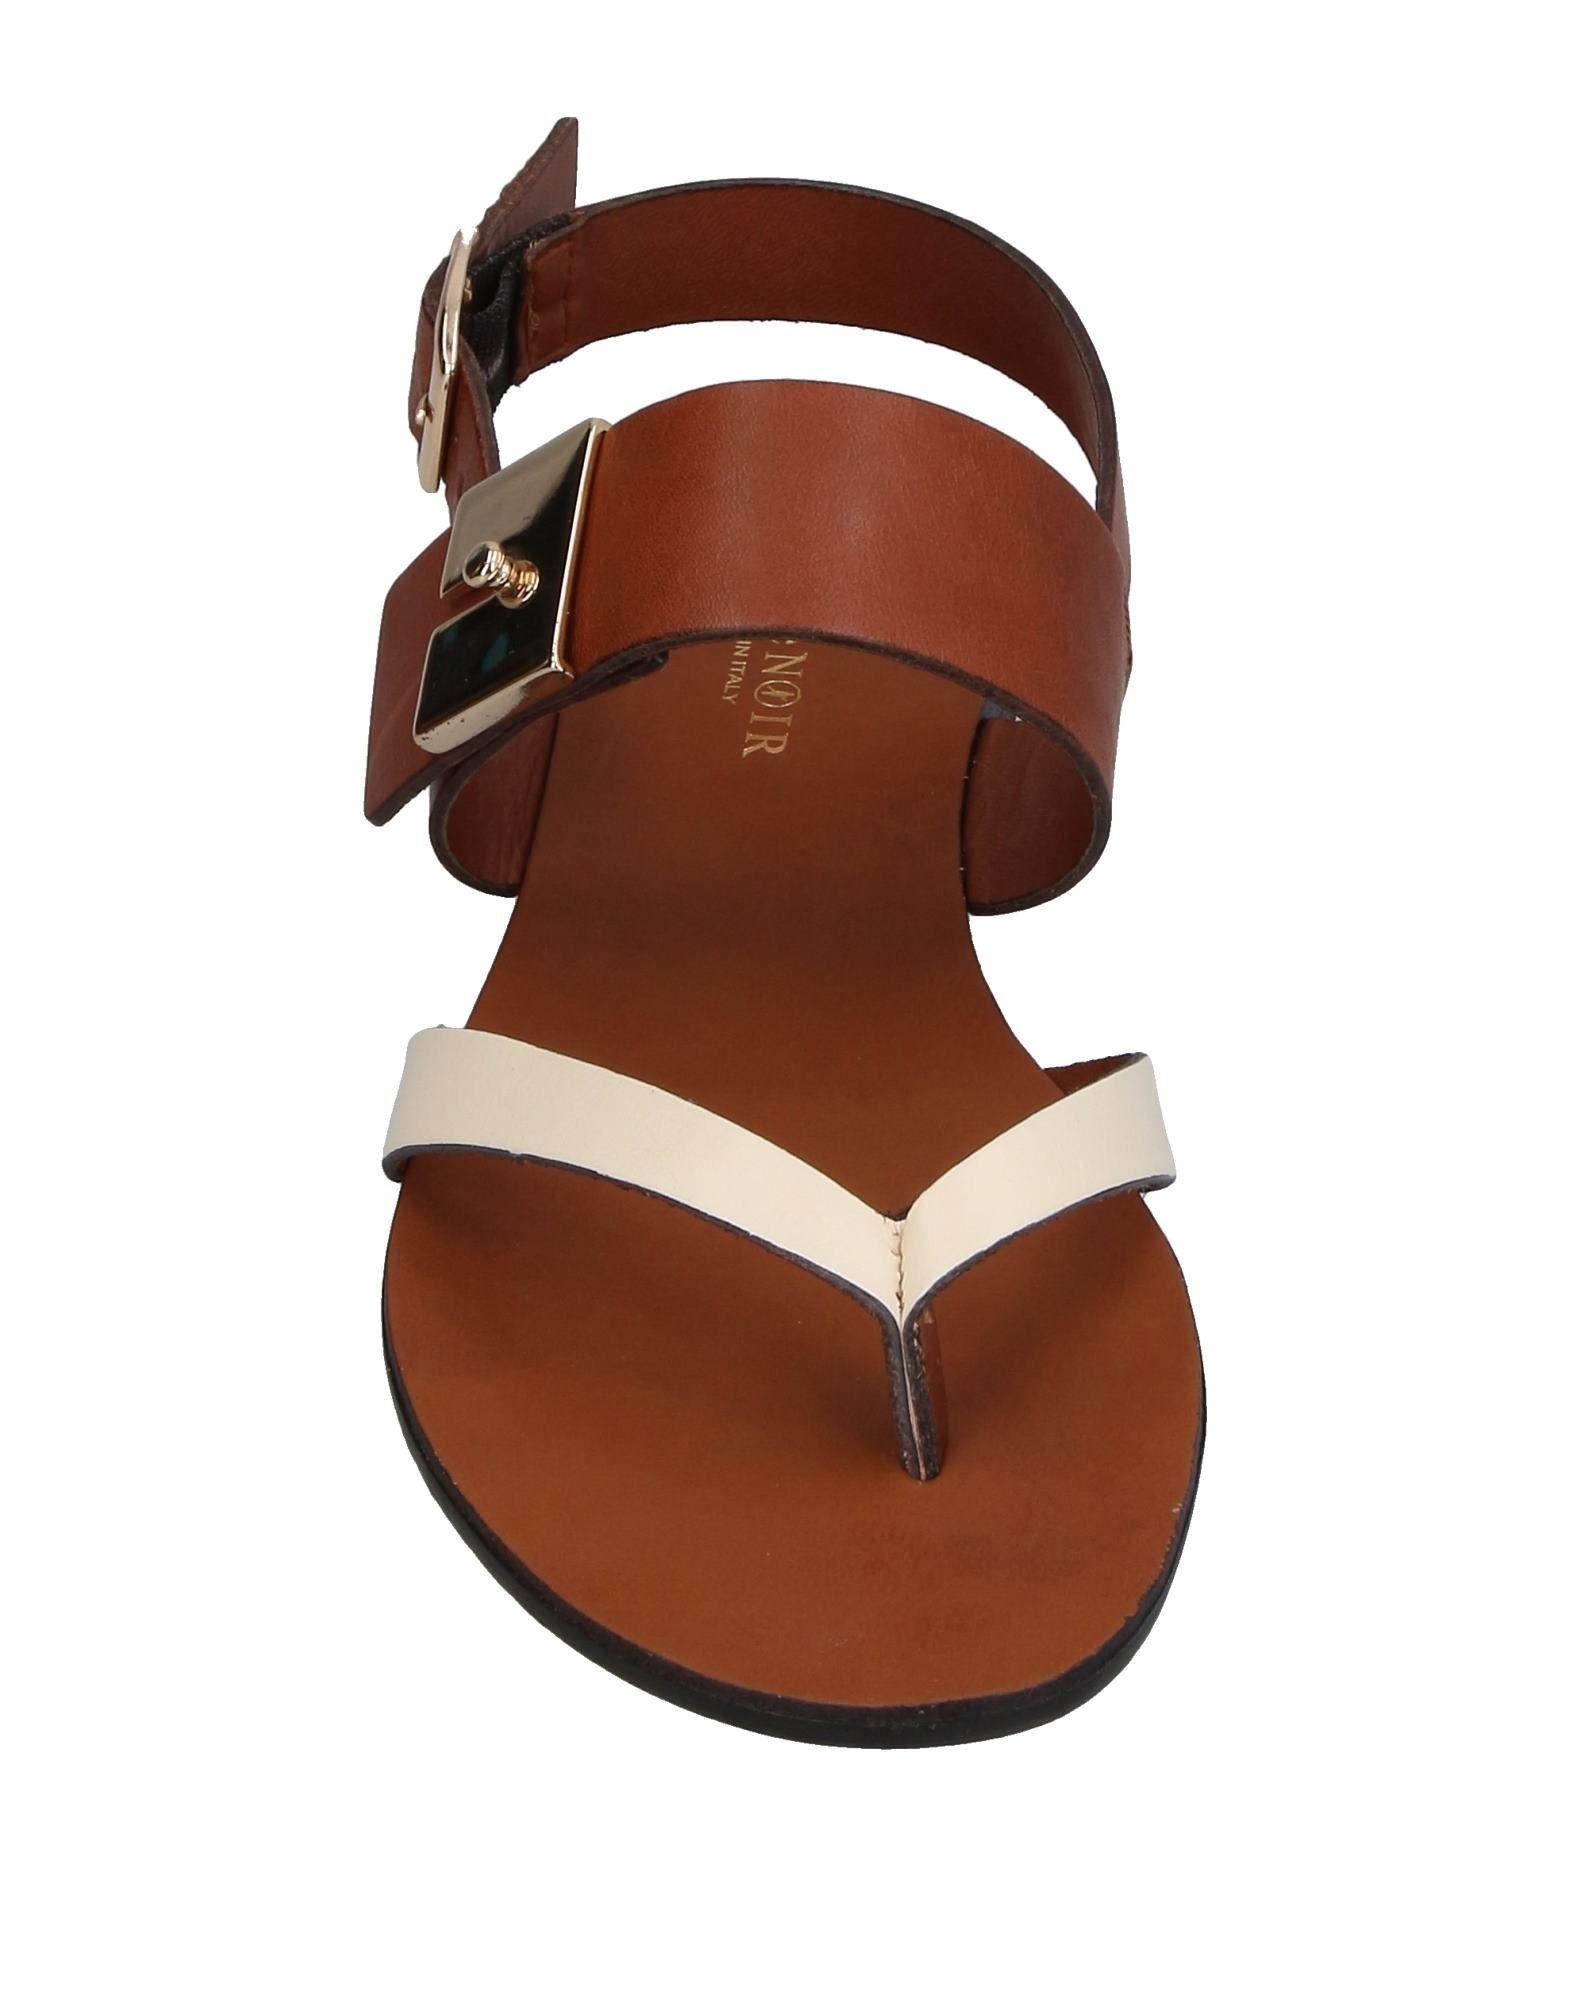 Cafènoir Dianetten Damen Gute  11407032CE Gute Damen Qualität beliebte Schuhe c2ab85